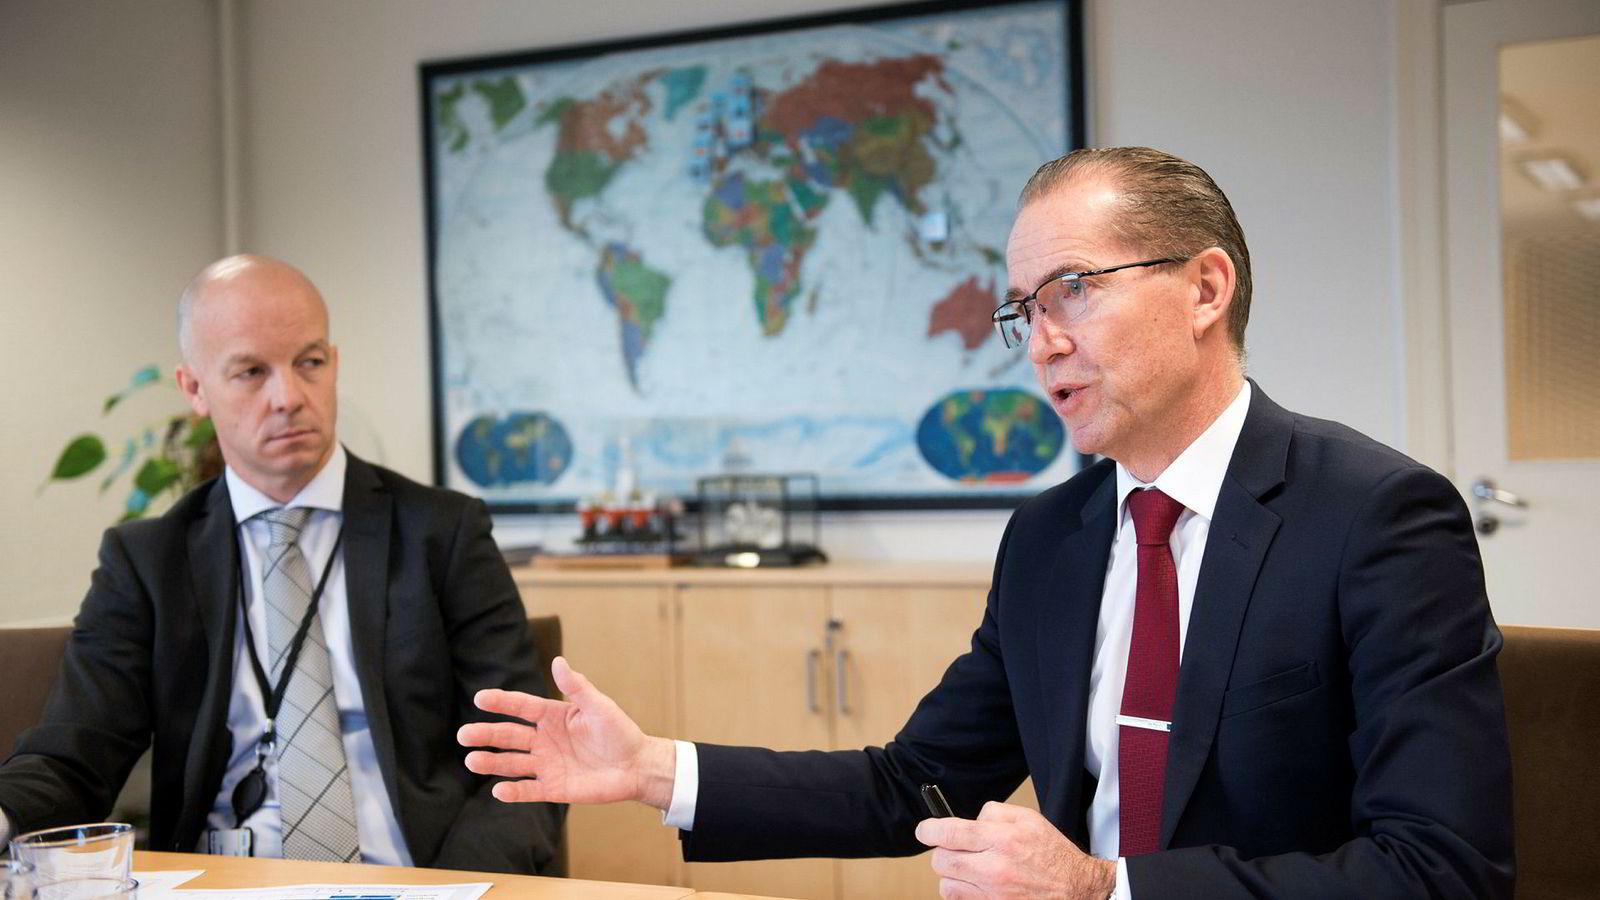 Administrerende direktør Ivar Brandvold i Fred. Olsen Energy (t.h.) og finansdirektør Hjalmar Krogseth Moe.